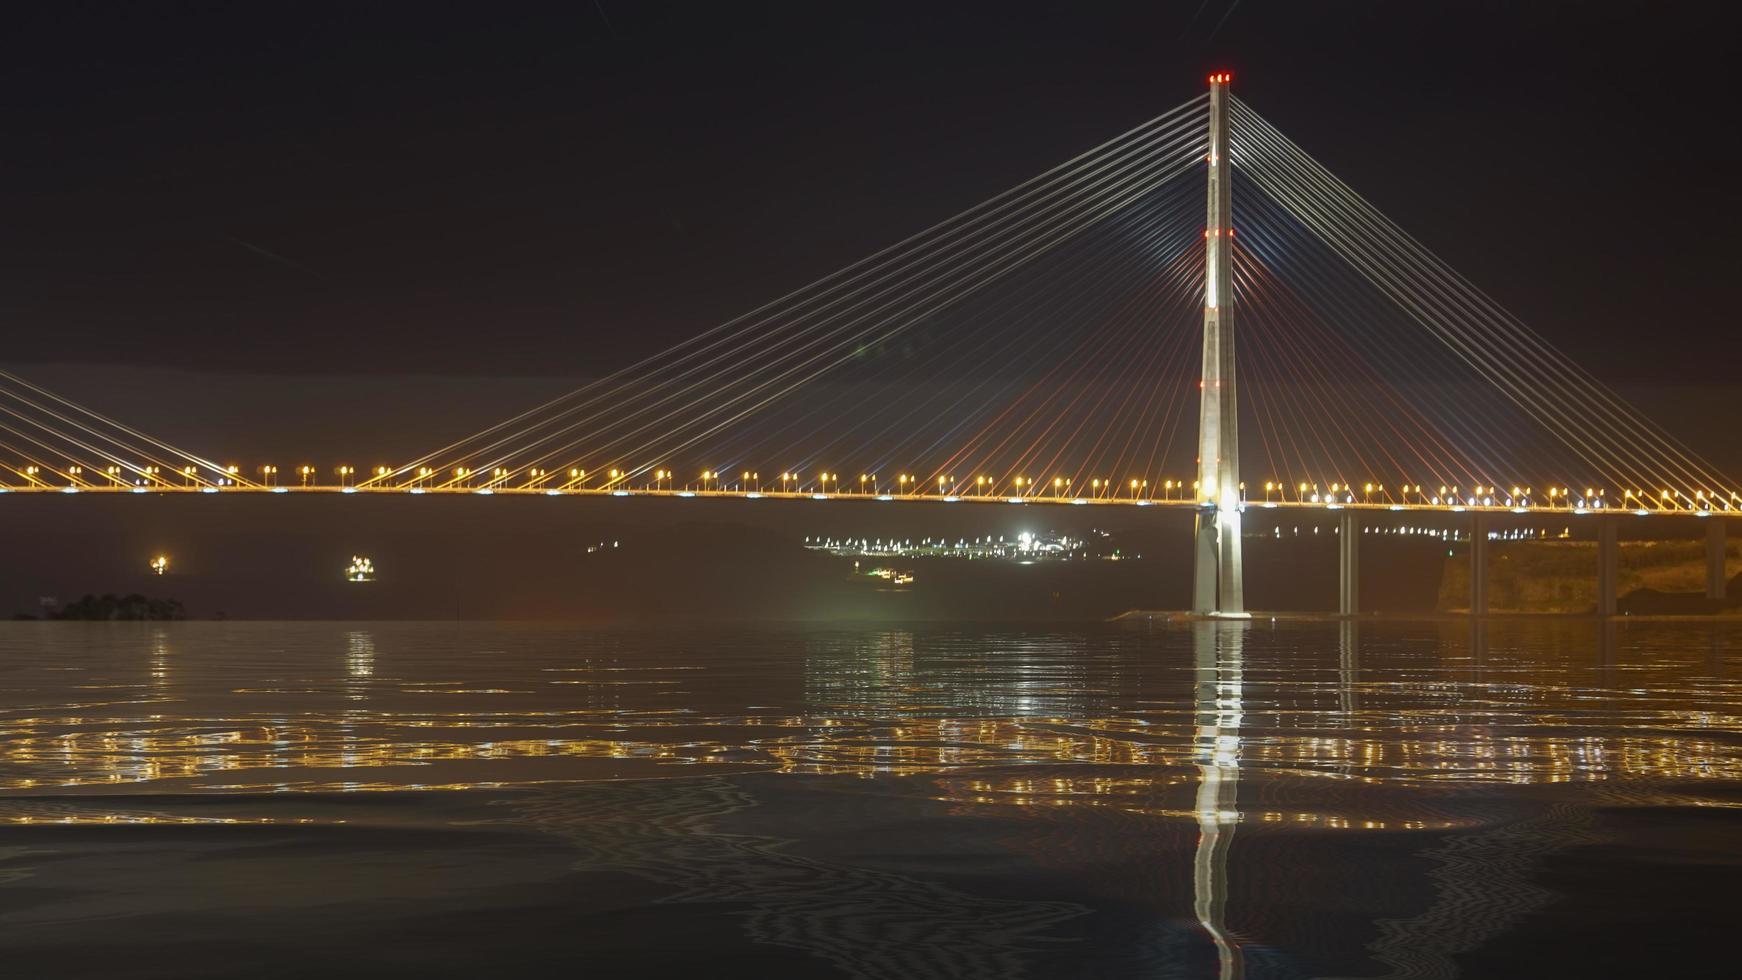 ponte russo contro il cielo notturno. foto